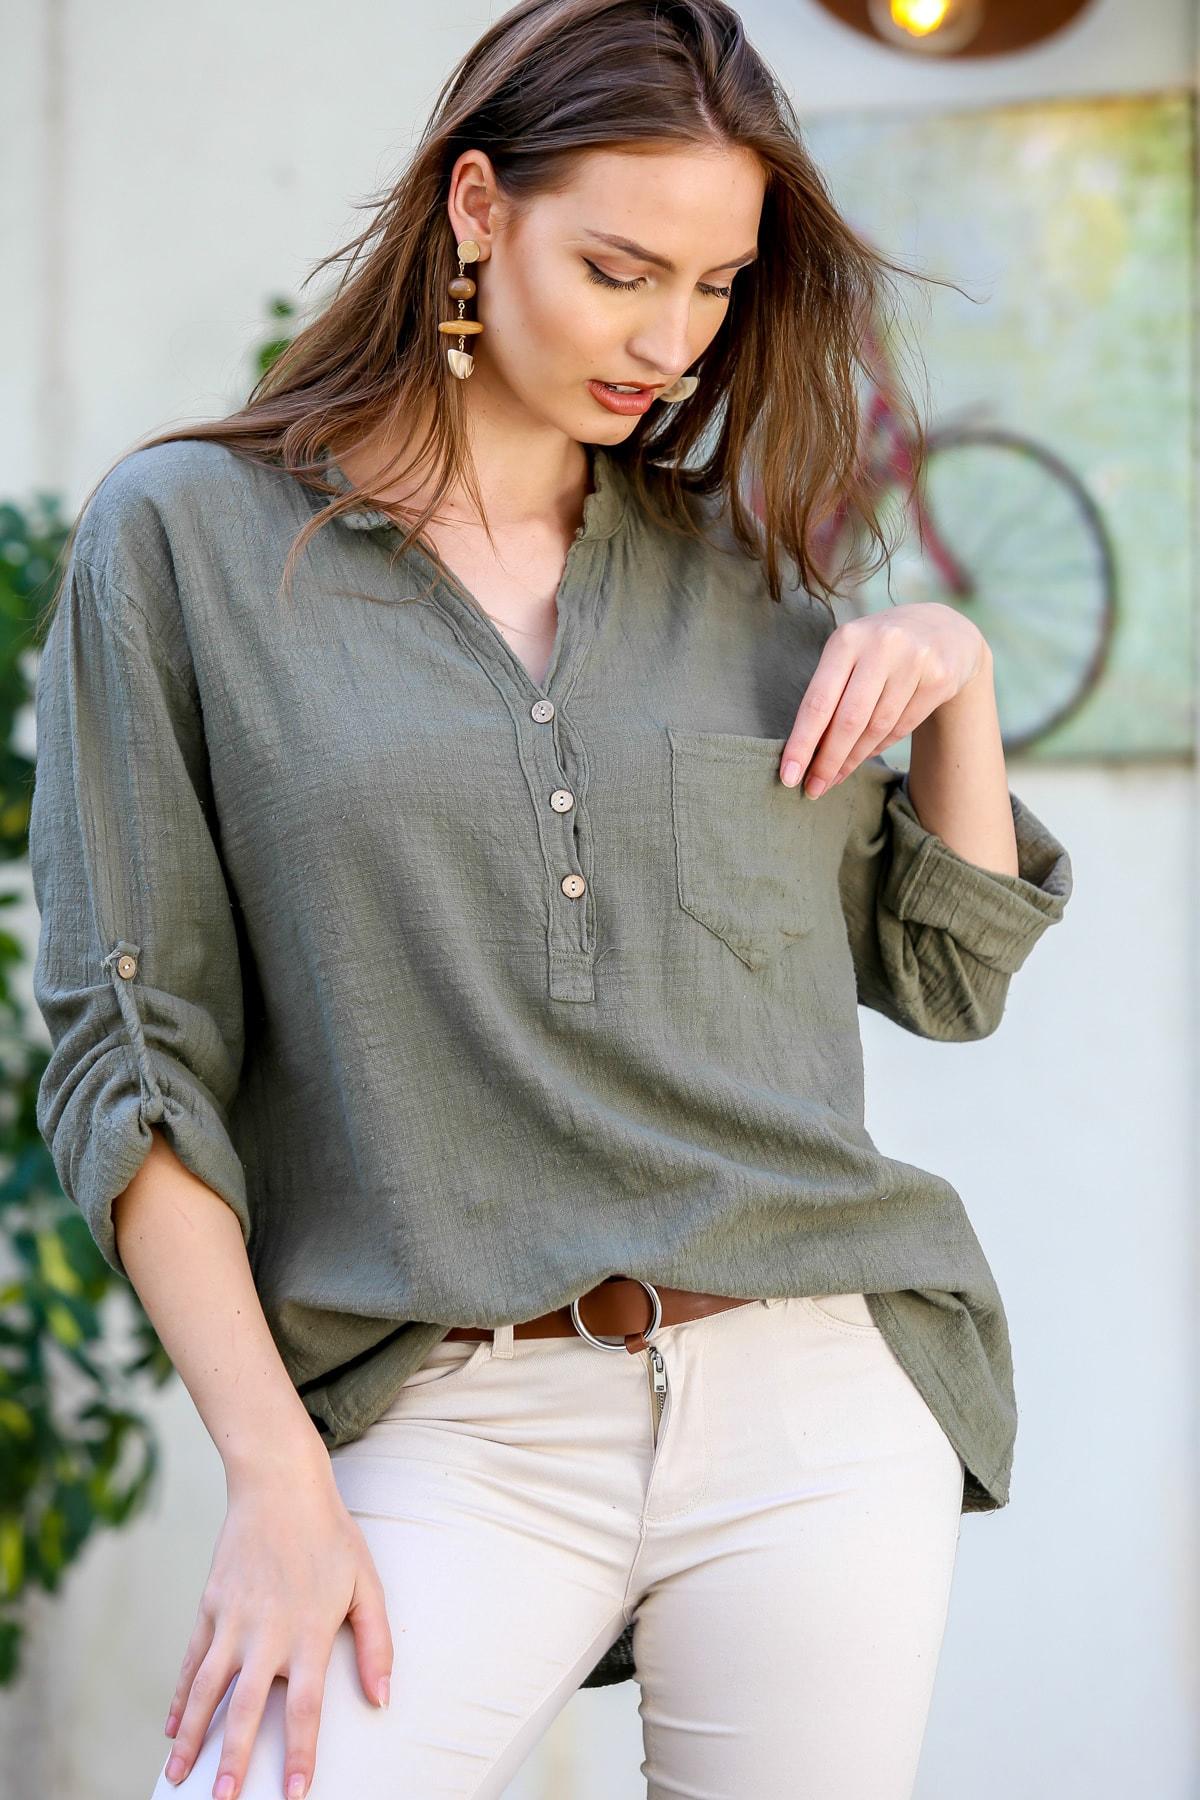 Kadın Haki Patı Düğme Detaylı Cepli Kolları Ayarlı Dokuma Bluz M10010200BL95313